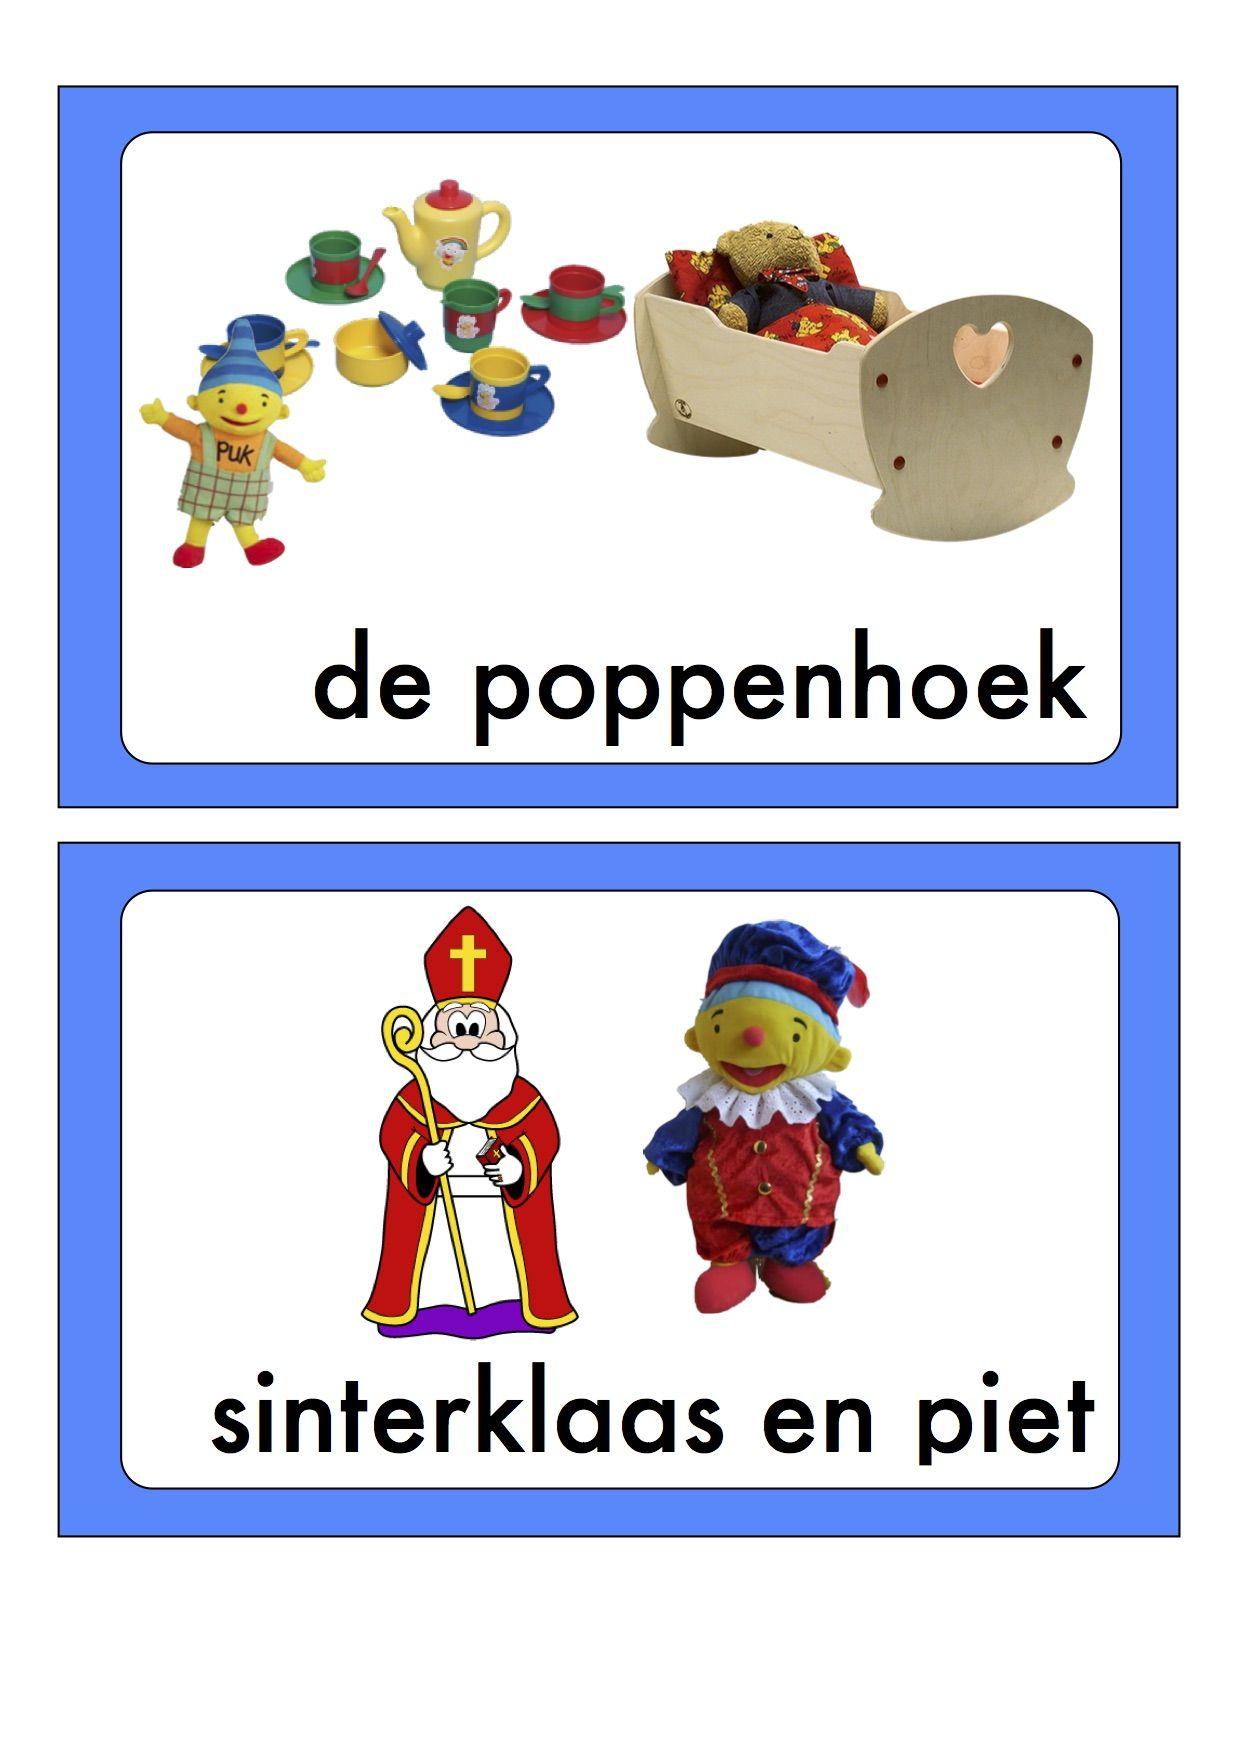 Uk En Puk Kleurplaten Sinterklaas.Eet Smakelijk Puk Uk En Puk En Ko Eet Smakelijk Viewinvite Co